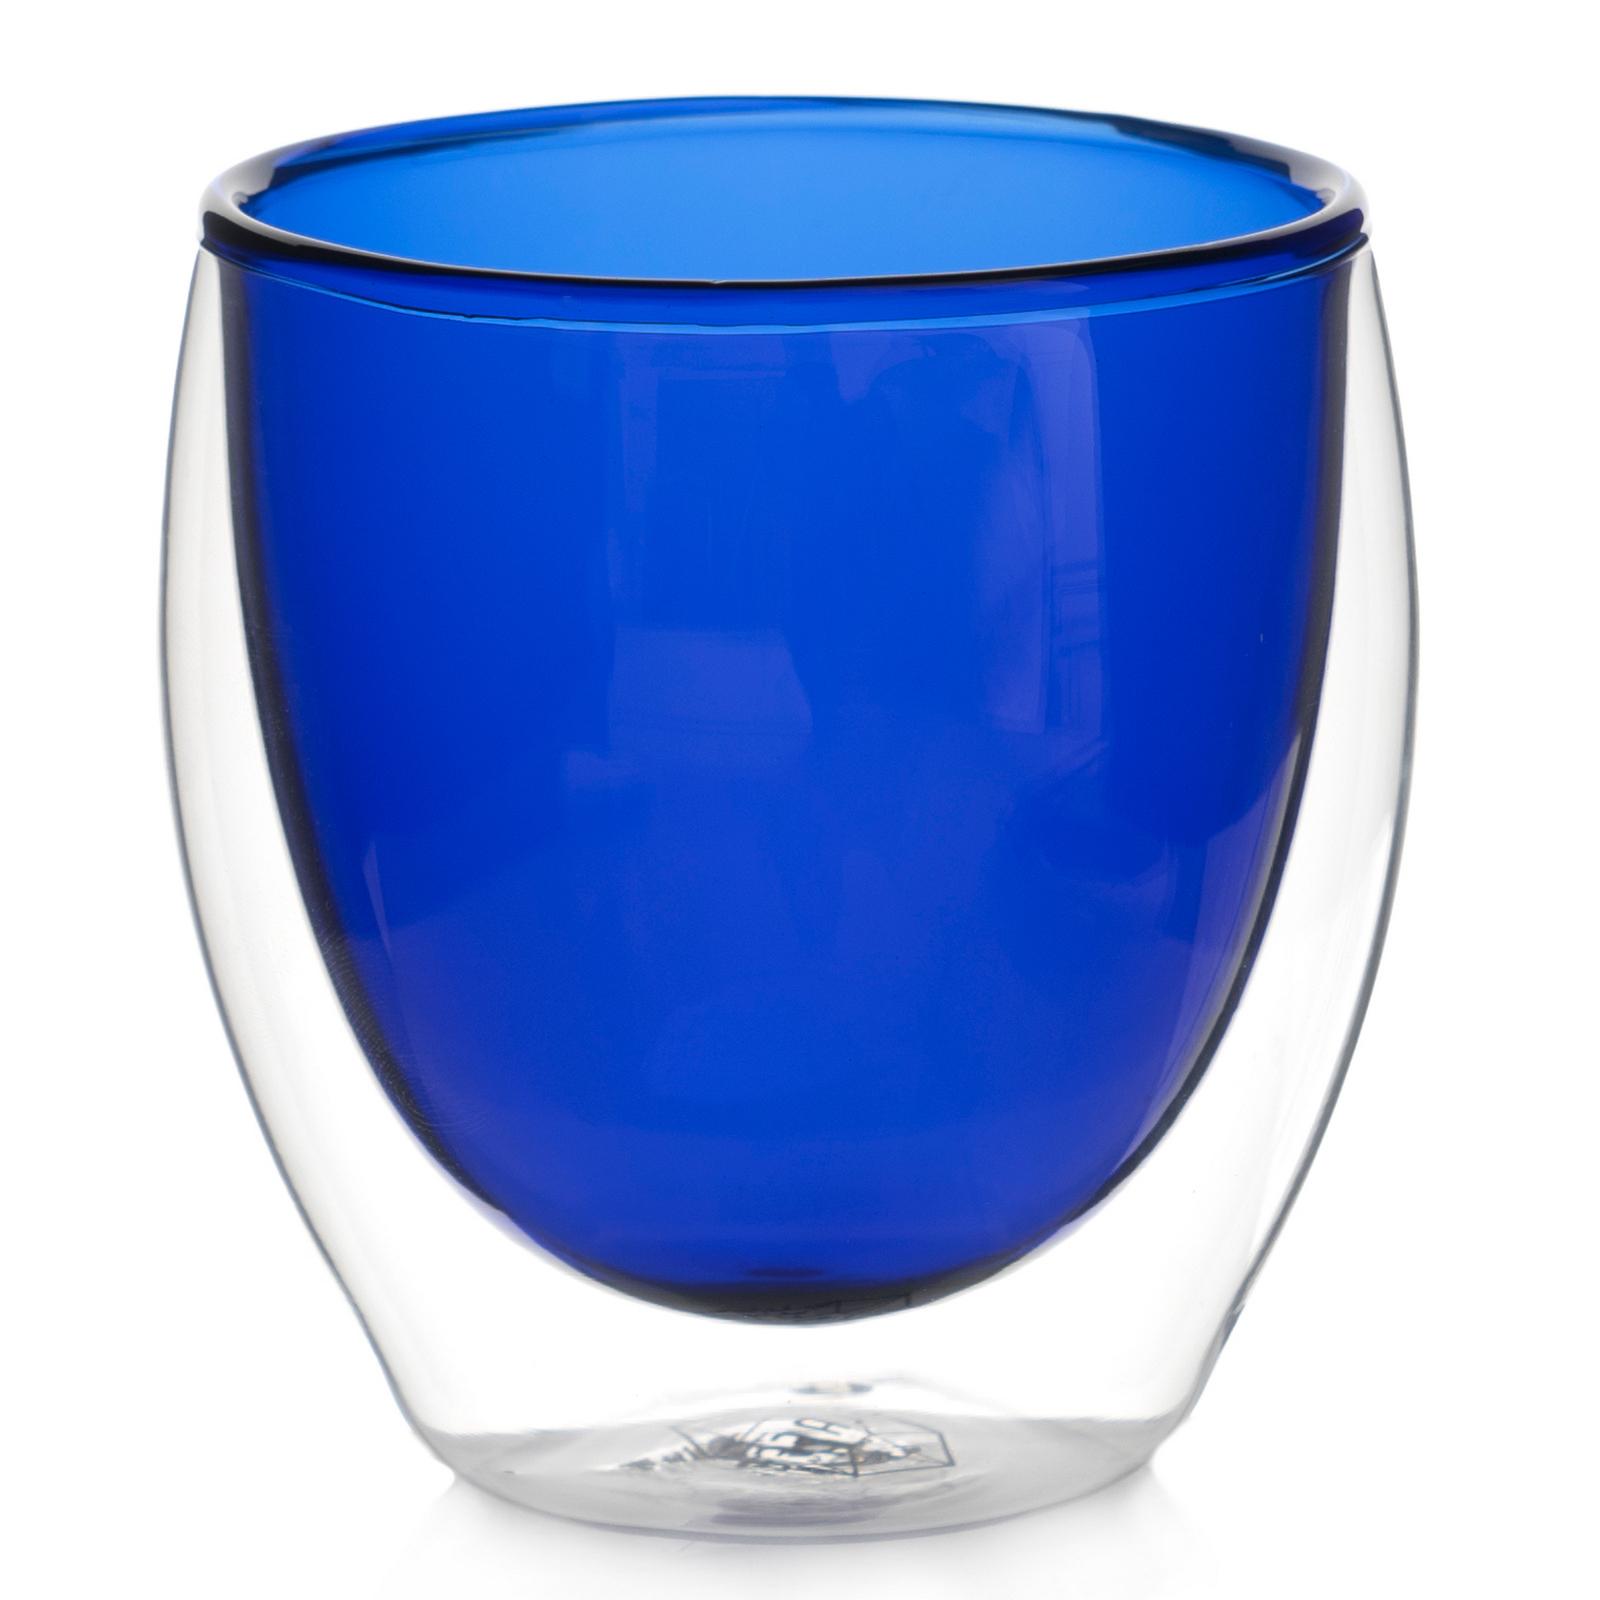 Все товары Стакан с двойными стенками цветной 250 мл, синий синий3.jpg